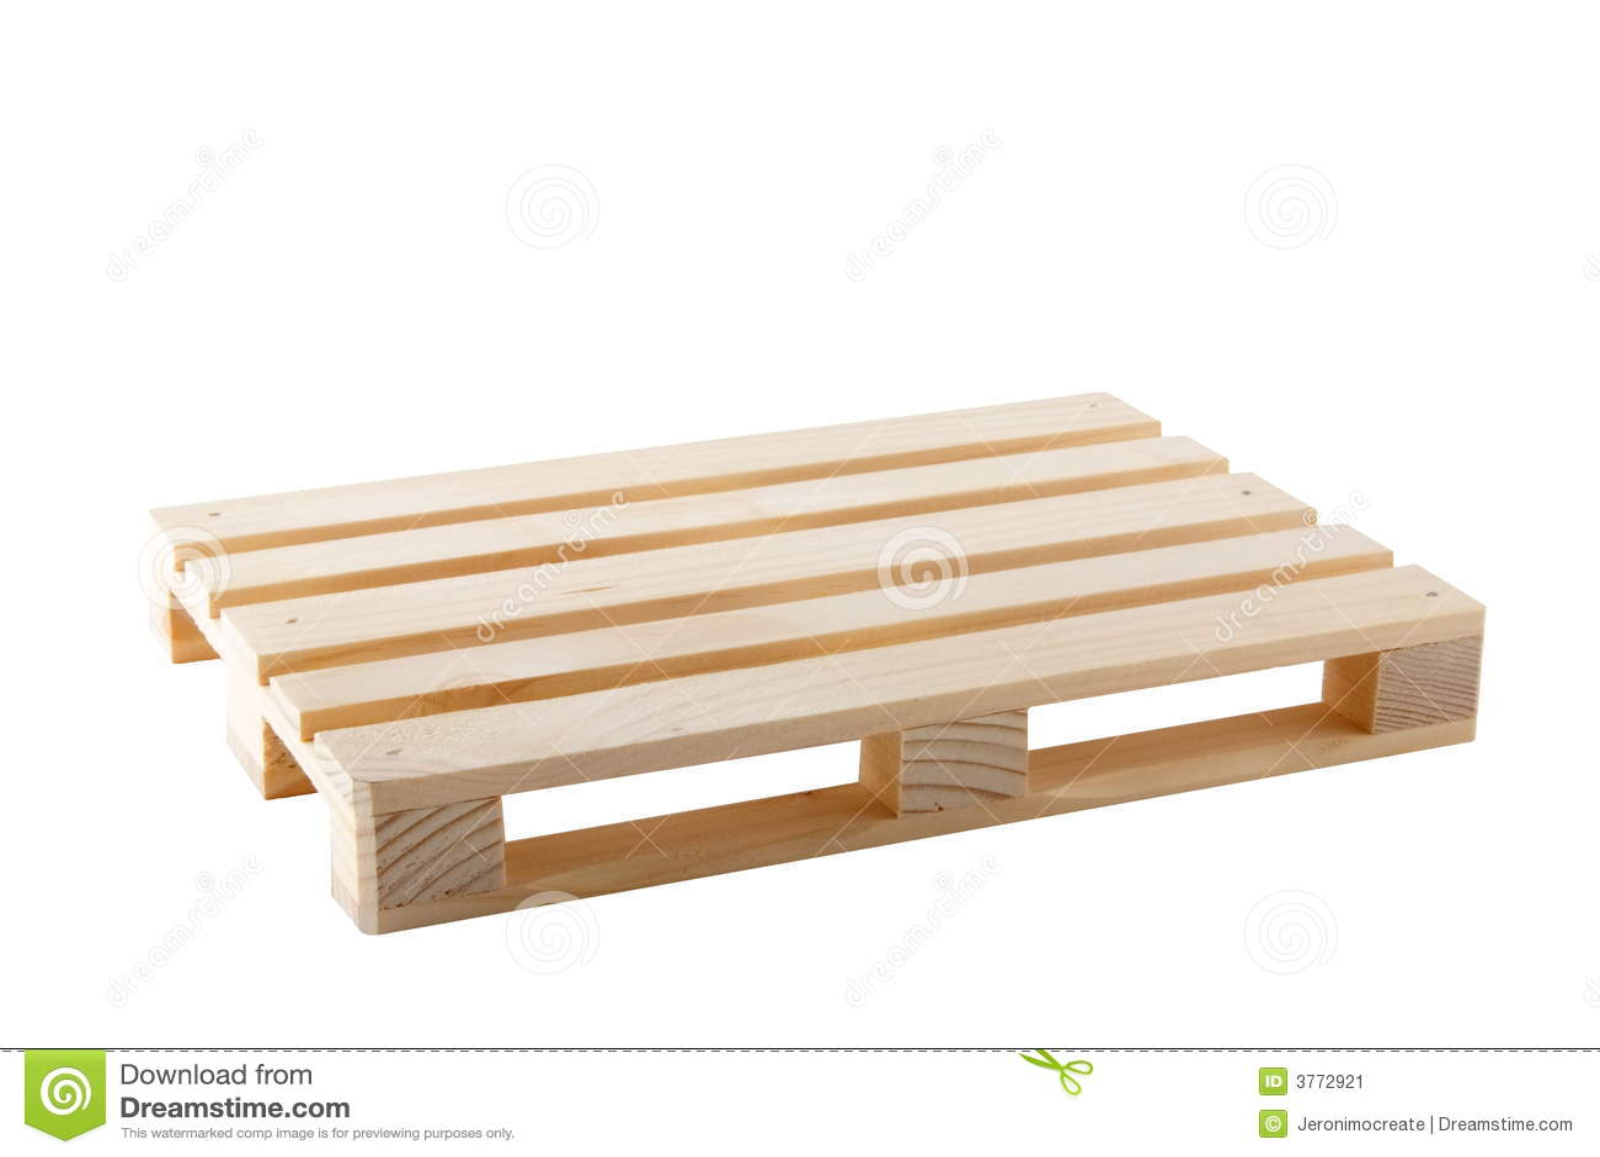 Empty Pallet Stock Image